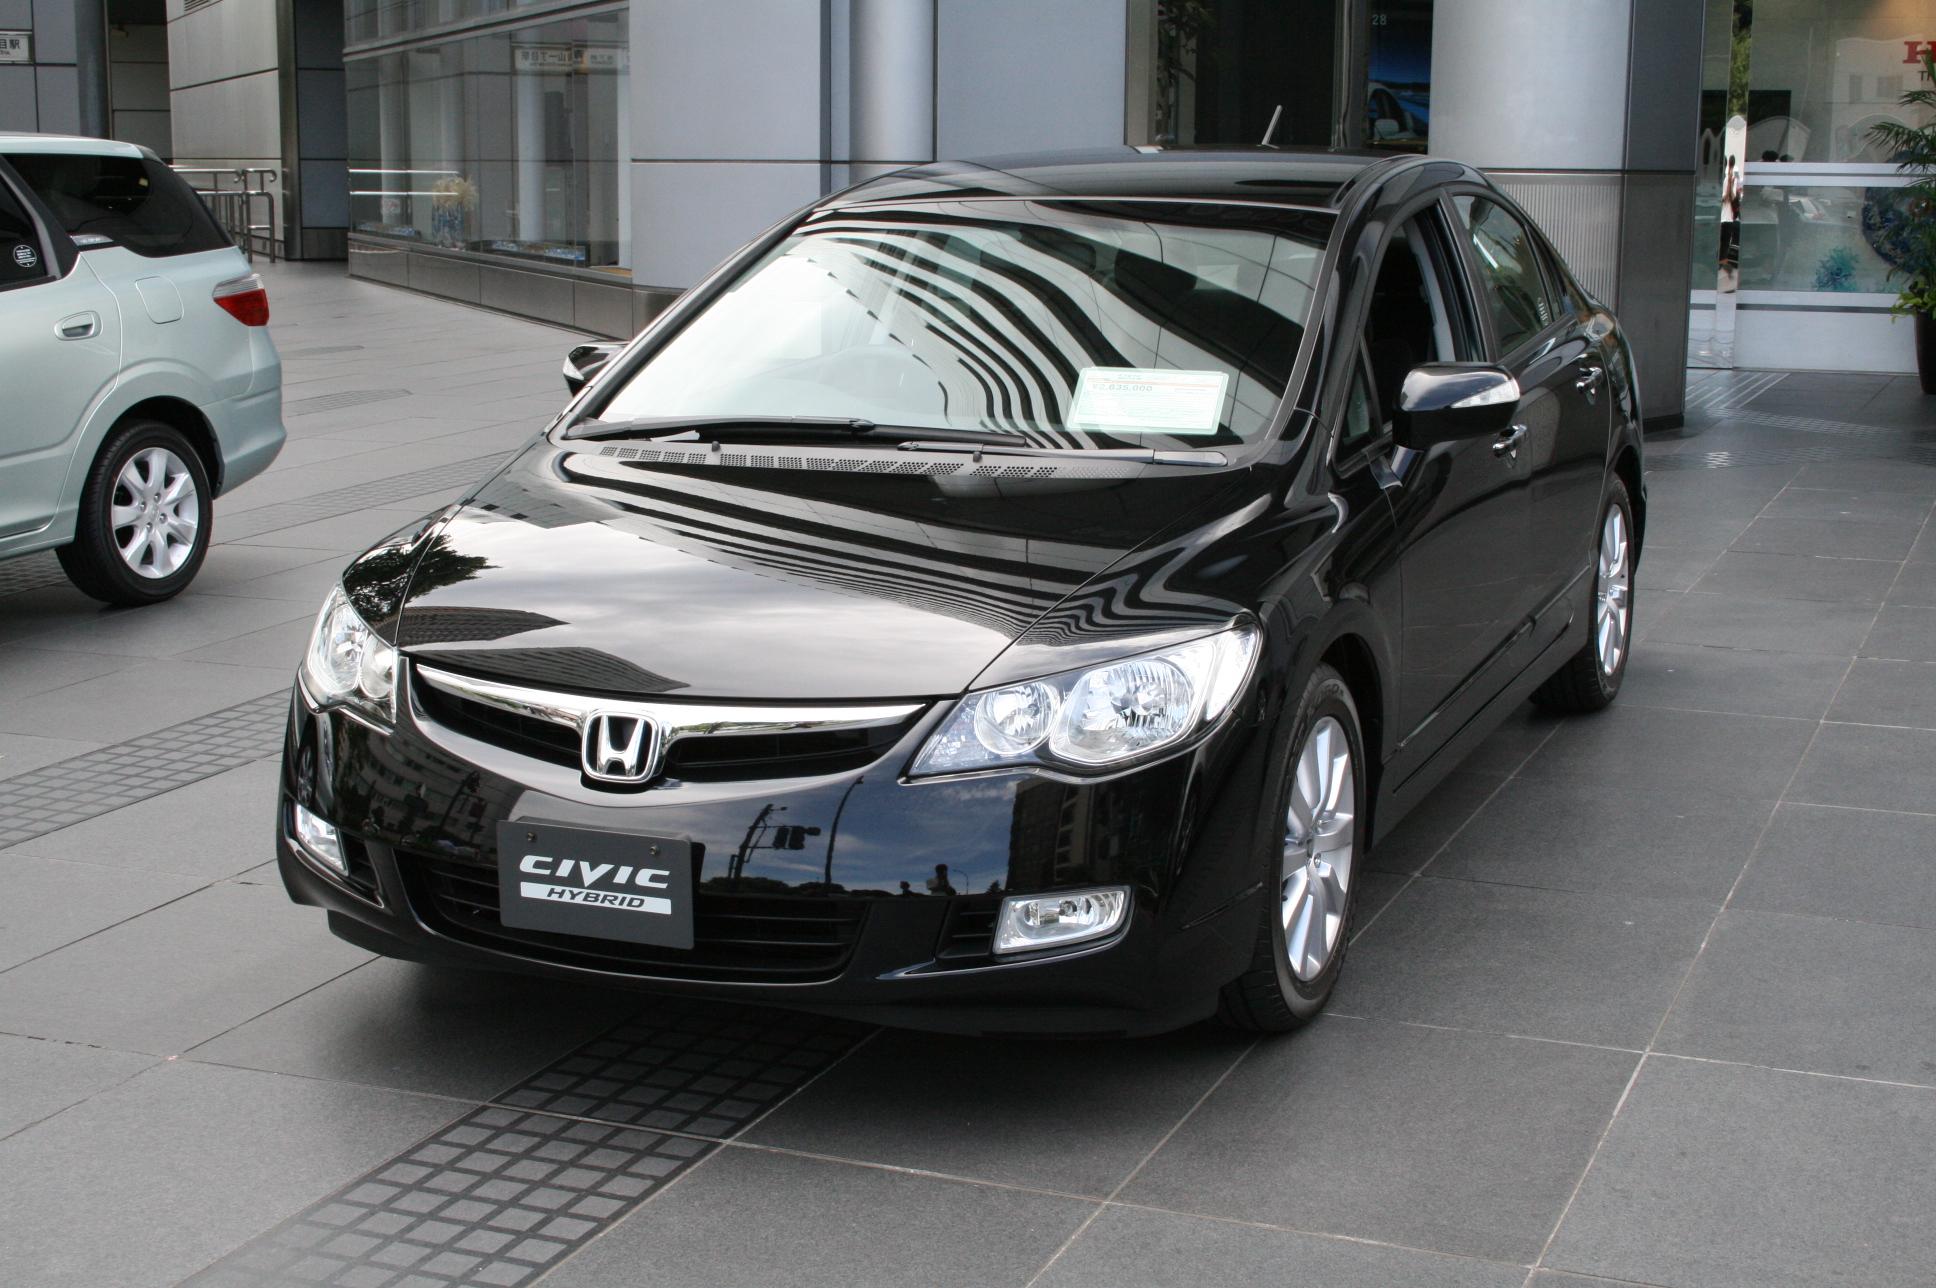 2007 Honda Civic Hybrid Base 4dr Sedan 2-spd CVT w/OD